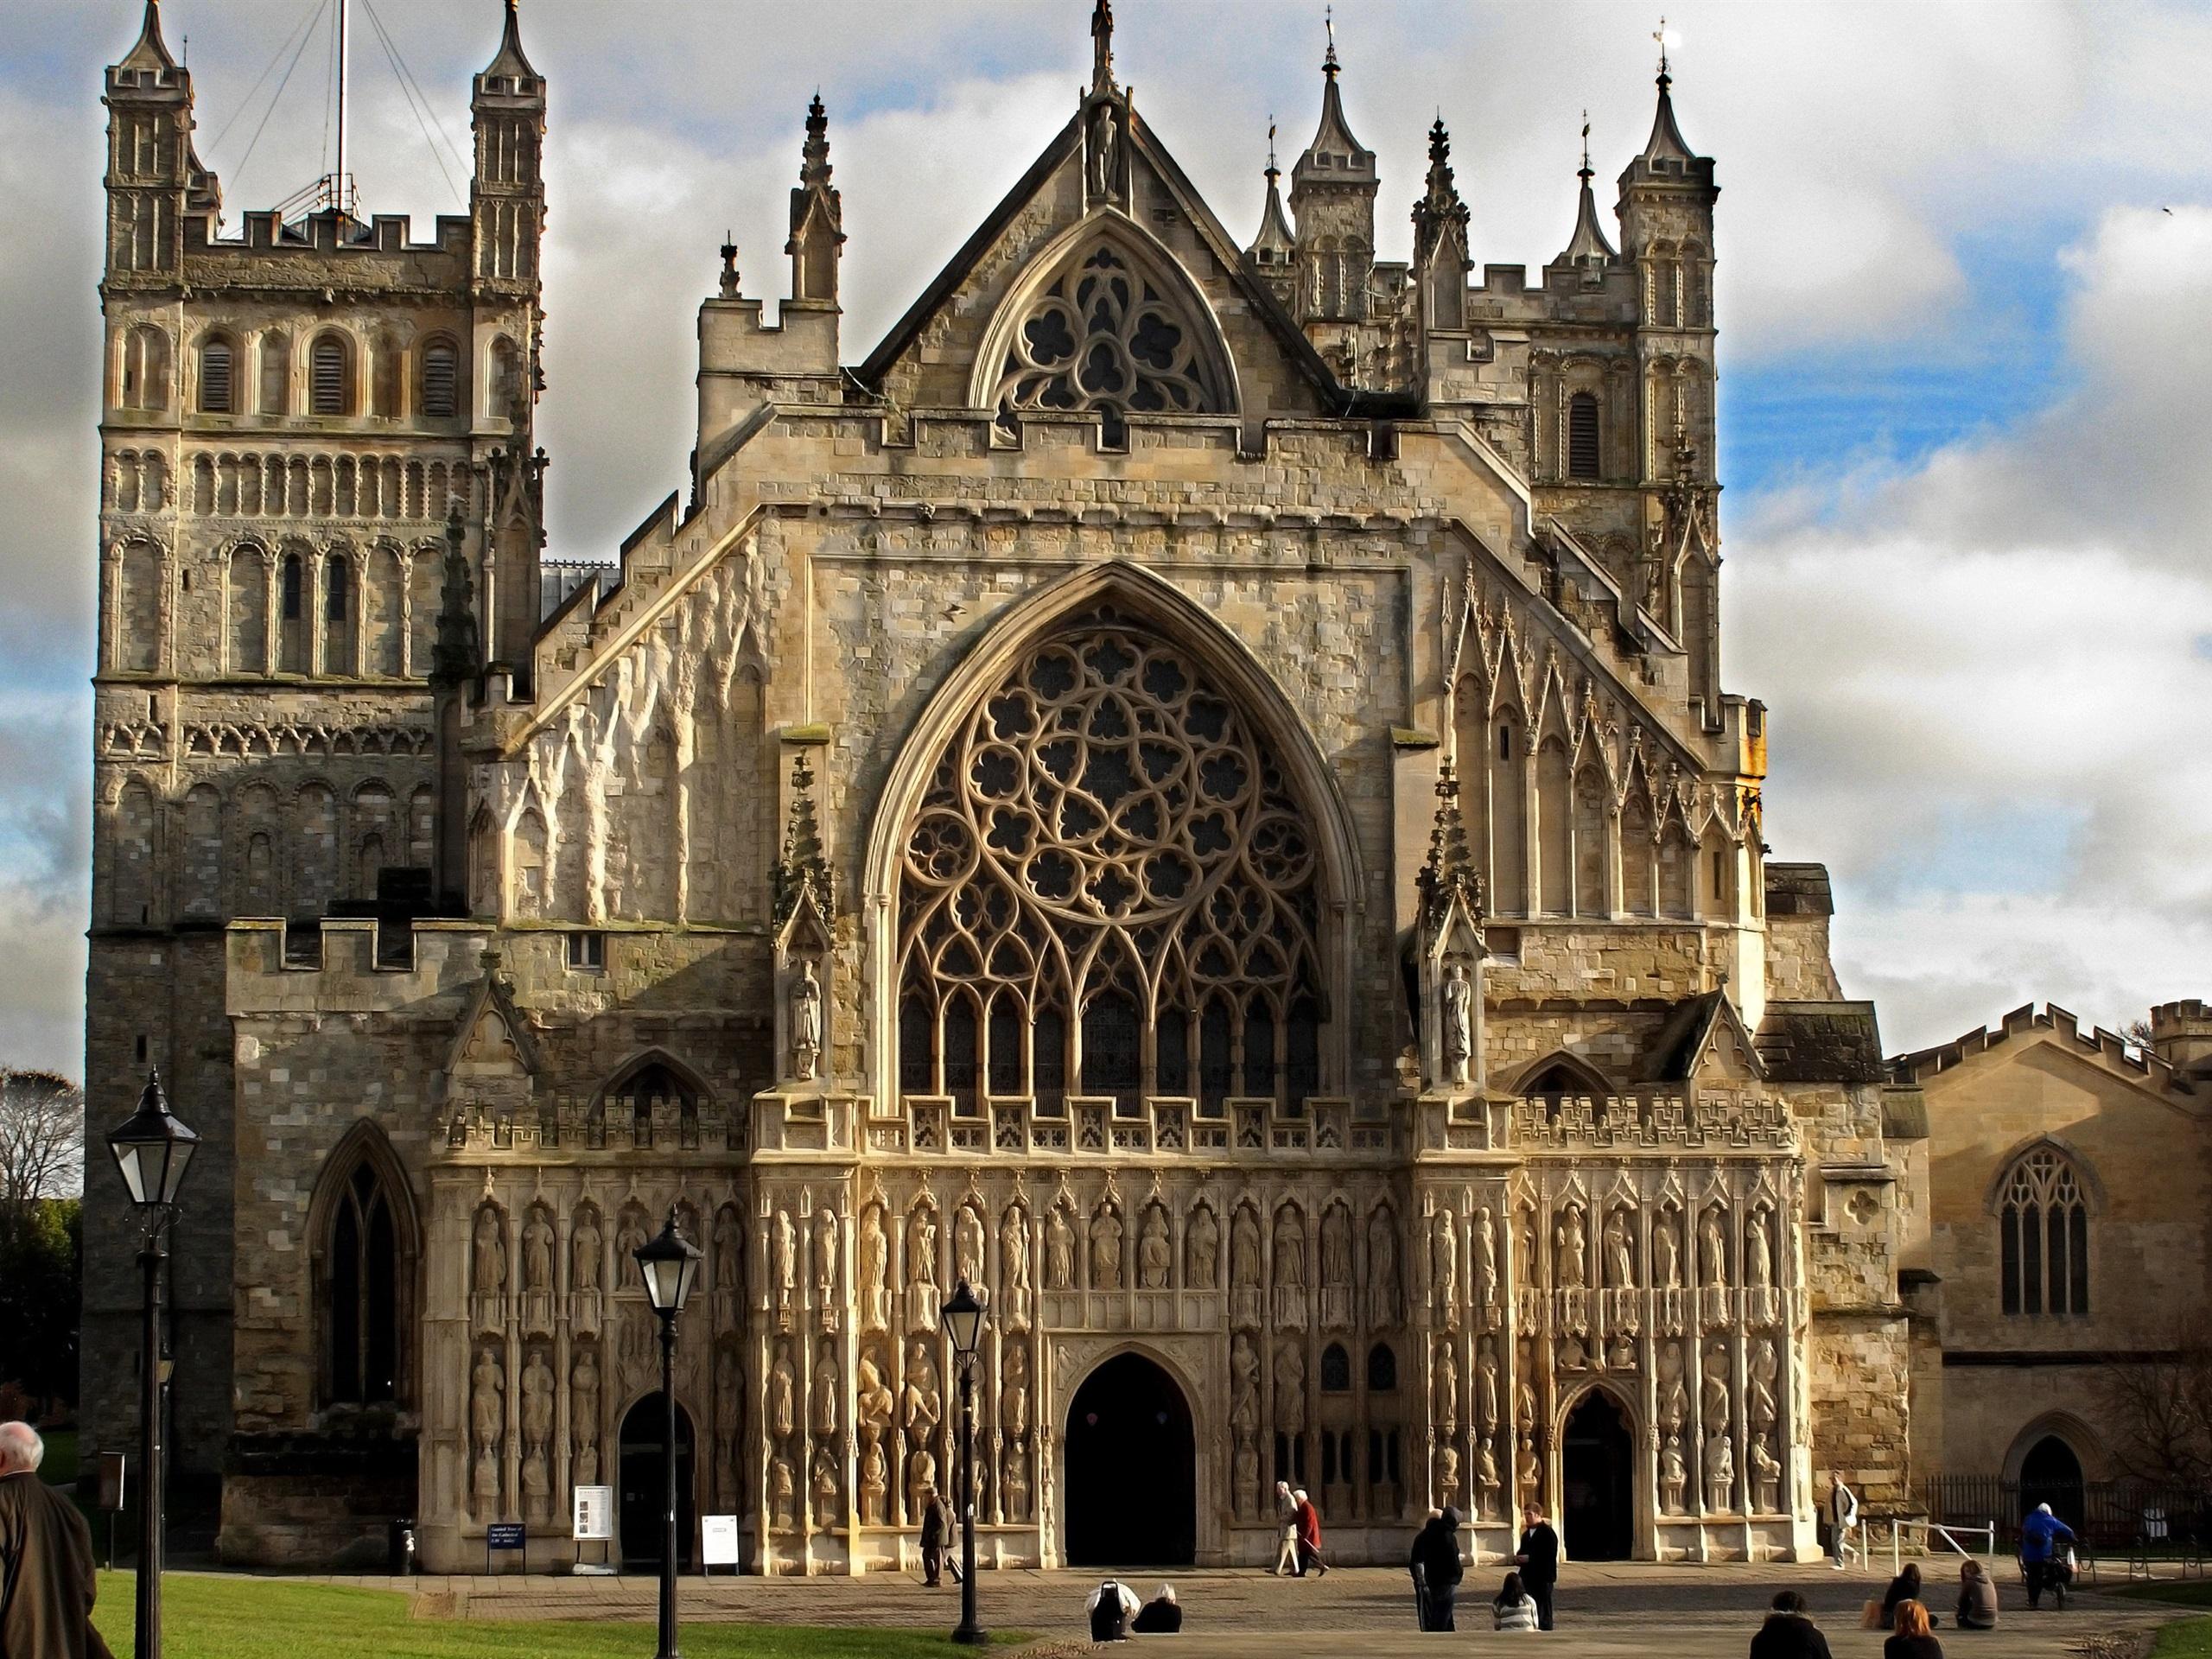 壁紙 ゴシック様式の教会 イングランド 2880x1800 Hd 無料の